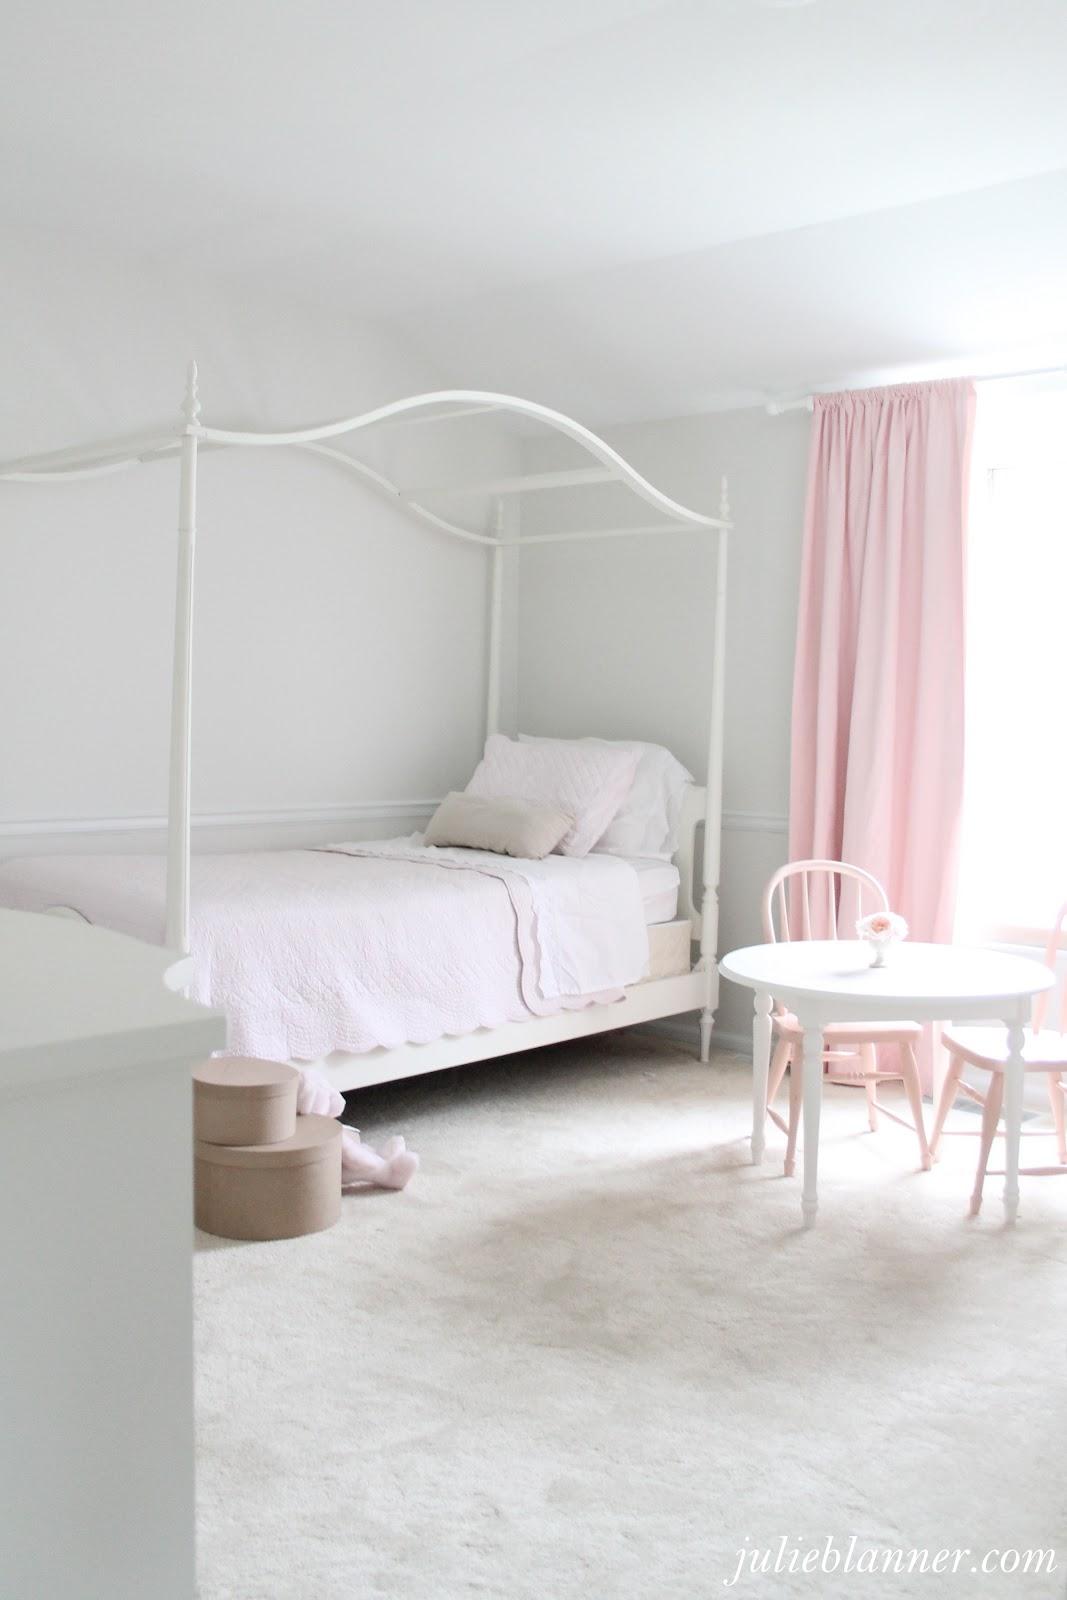 Adalyns Pink and Cream Bedroom  Julie Blanner